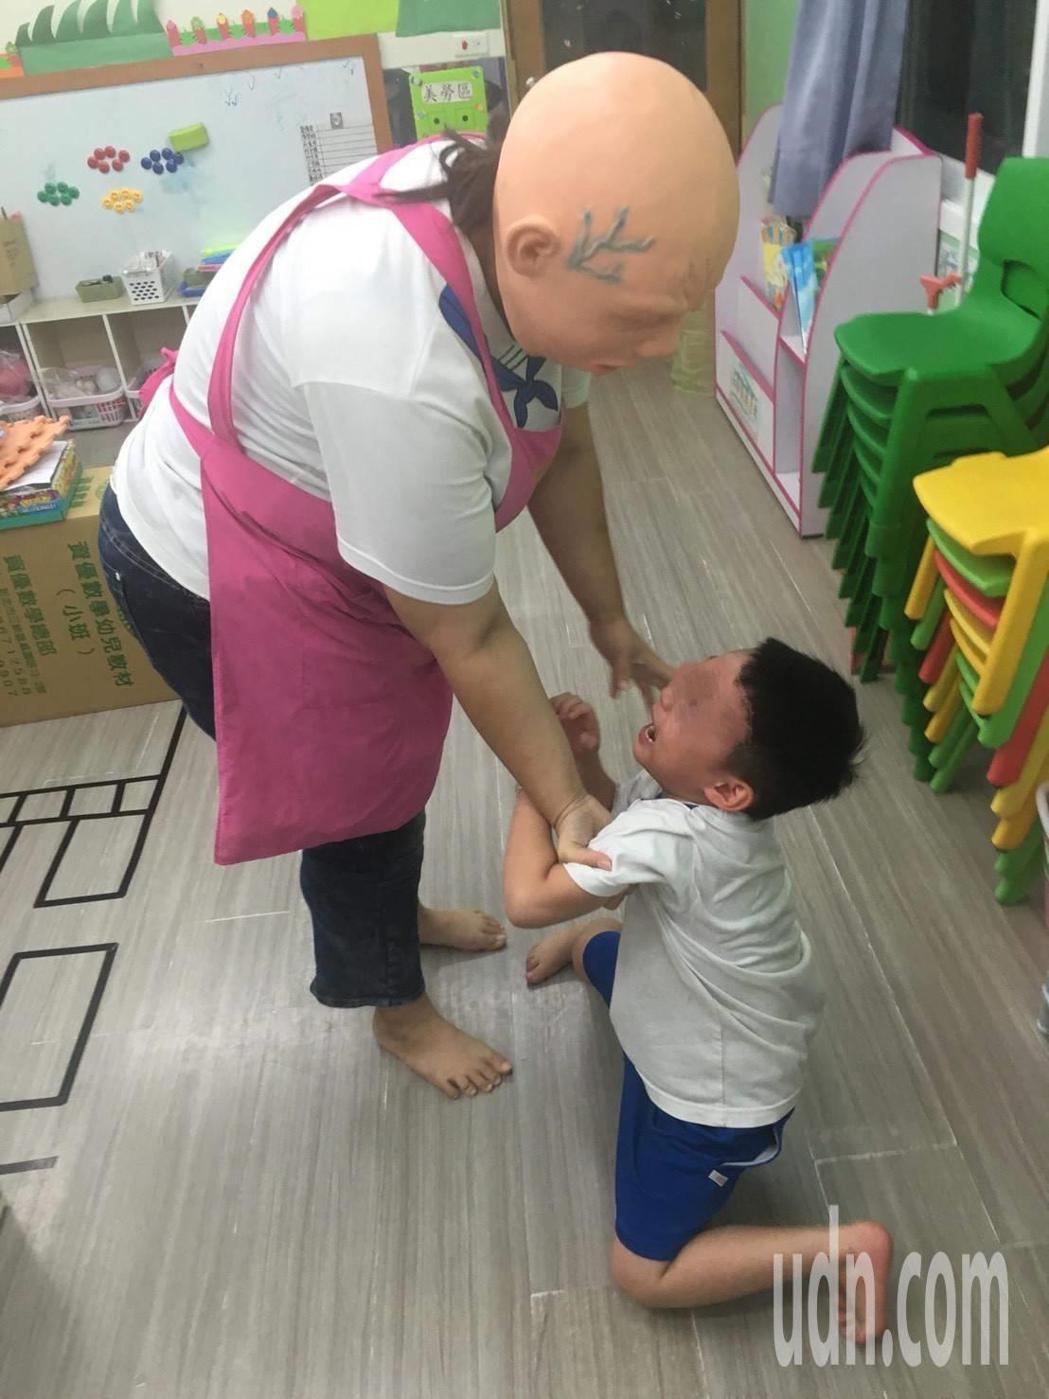 王姓家長指控幼兒園老師頭戴假面具嚇園內的孩子,有別的老師看不下去,在旁拍照傳給家...